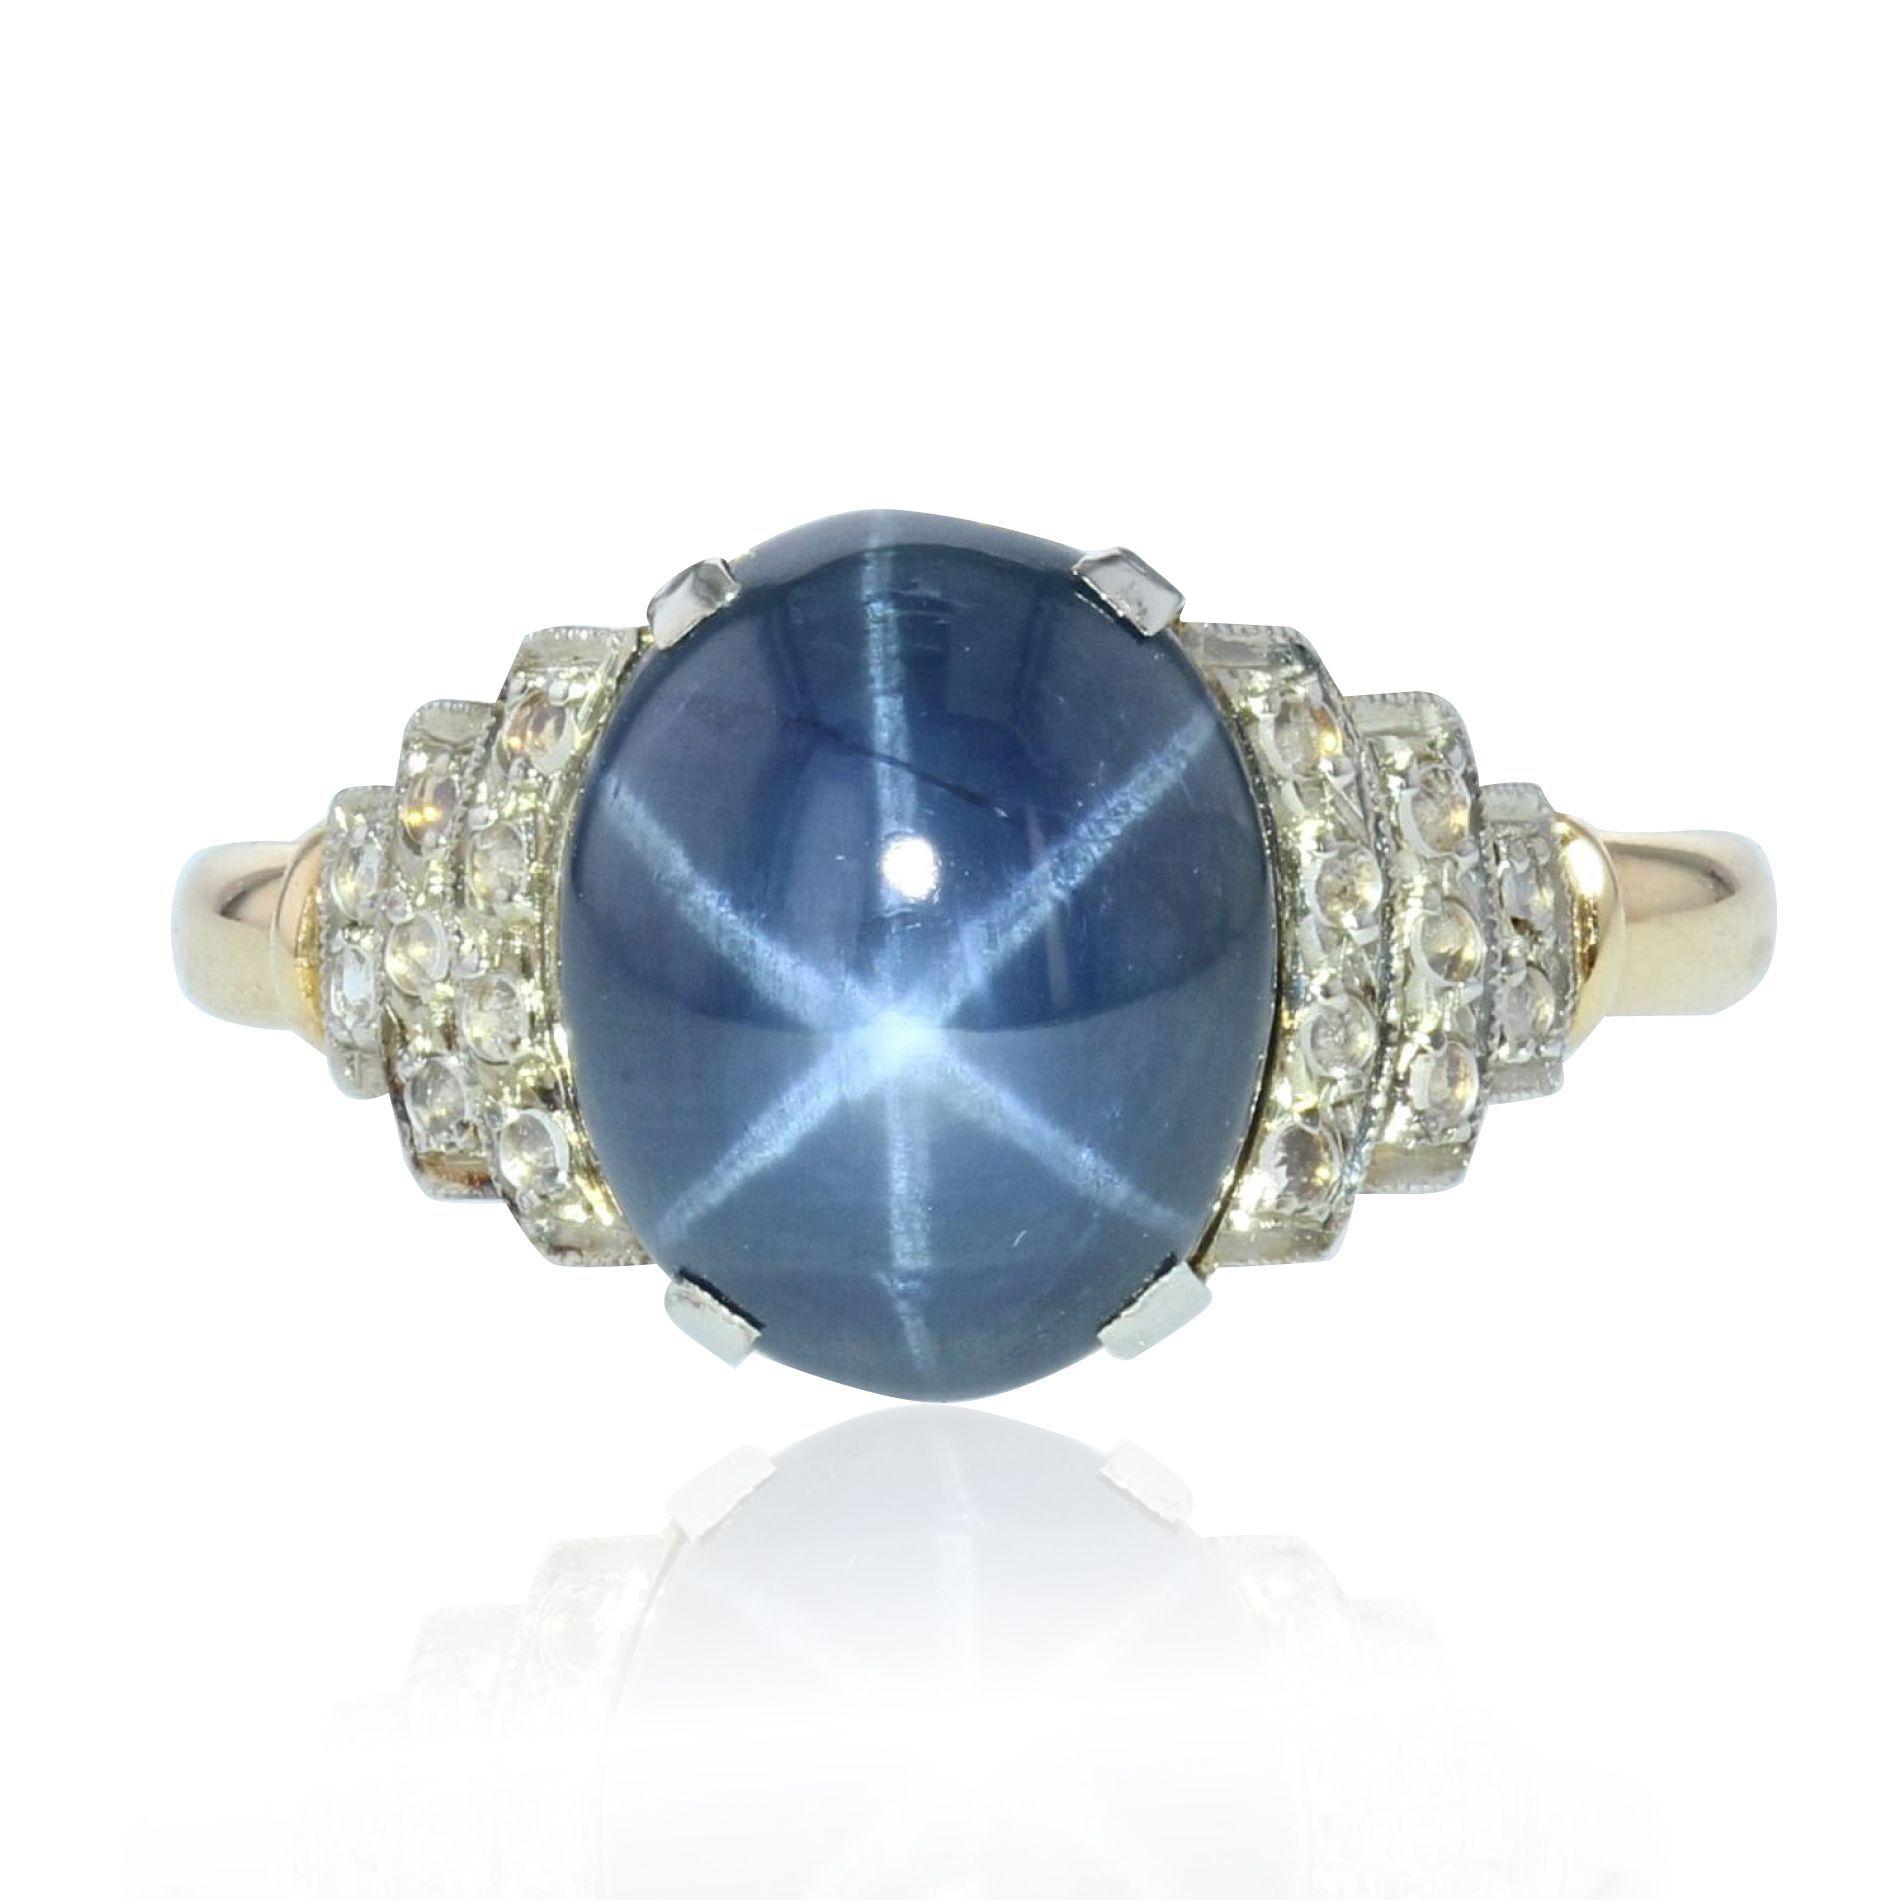 Häufig Bague art déco saphir étoilé diamants - Bijou ancien CO51